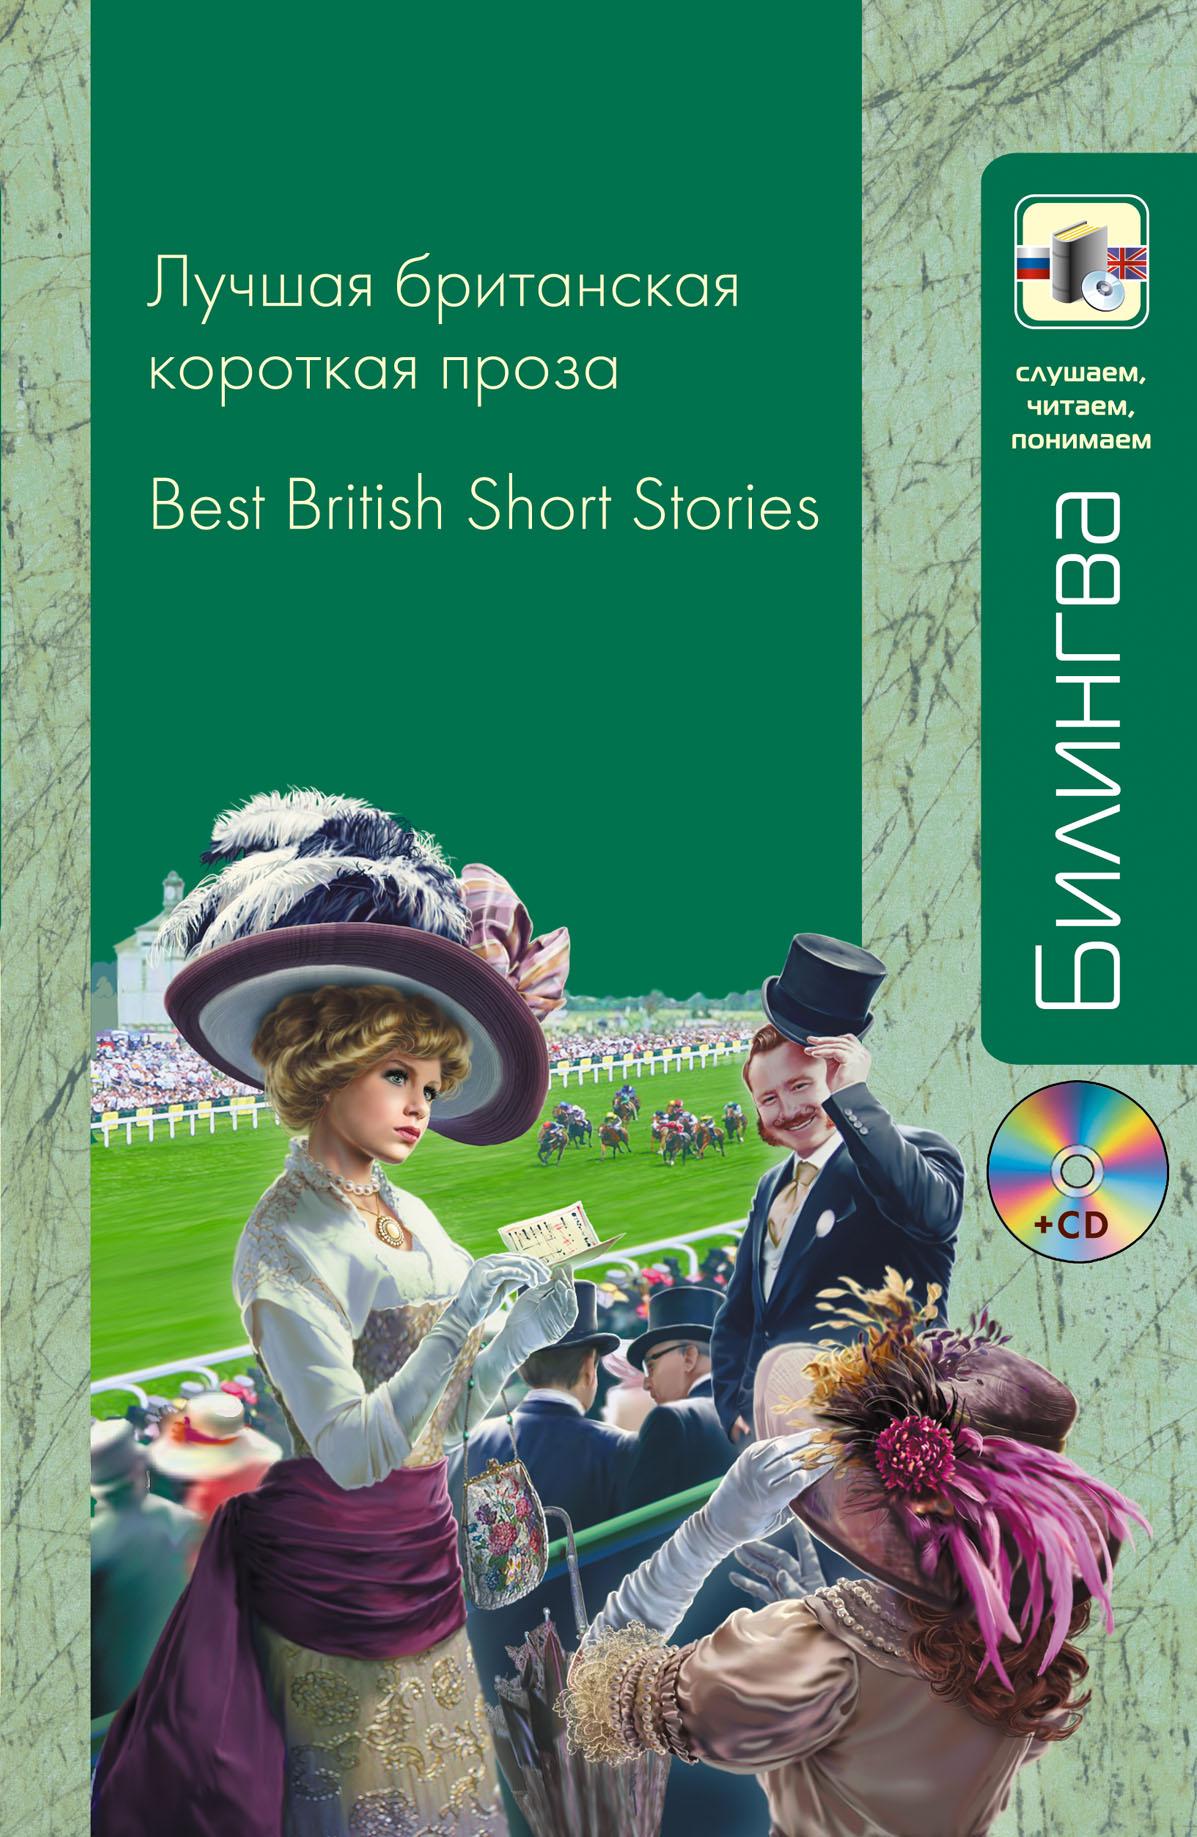 Лучшая британская короткая проза / Best British Short Stories (+ CD)